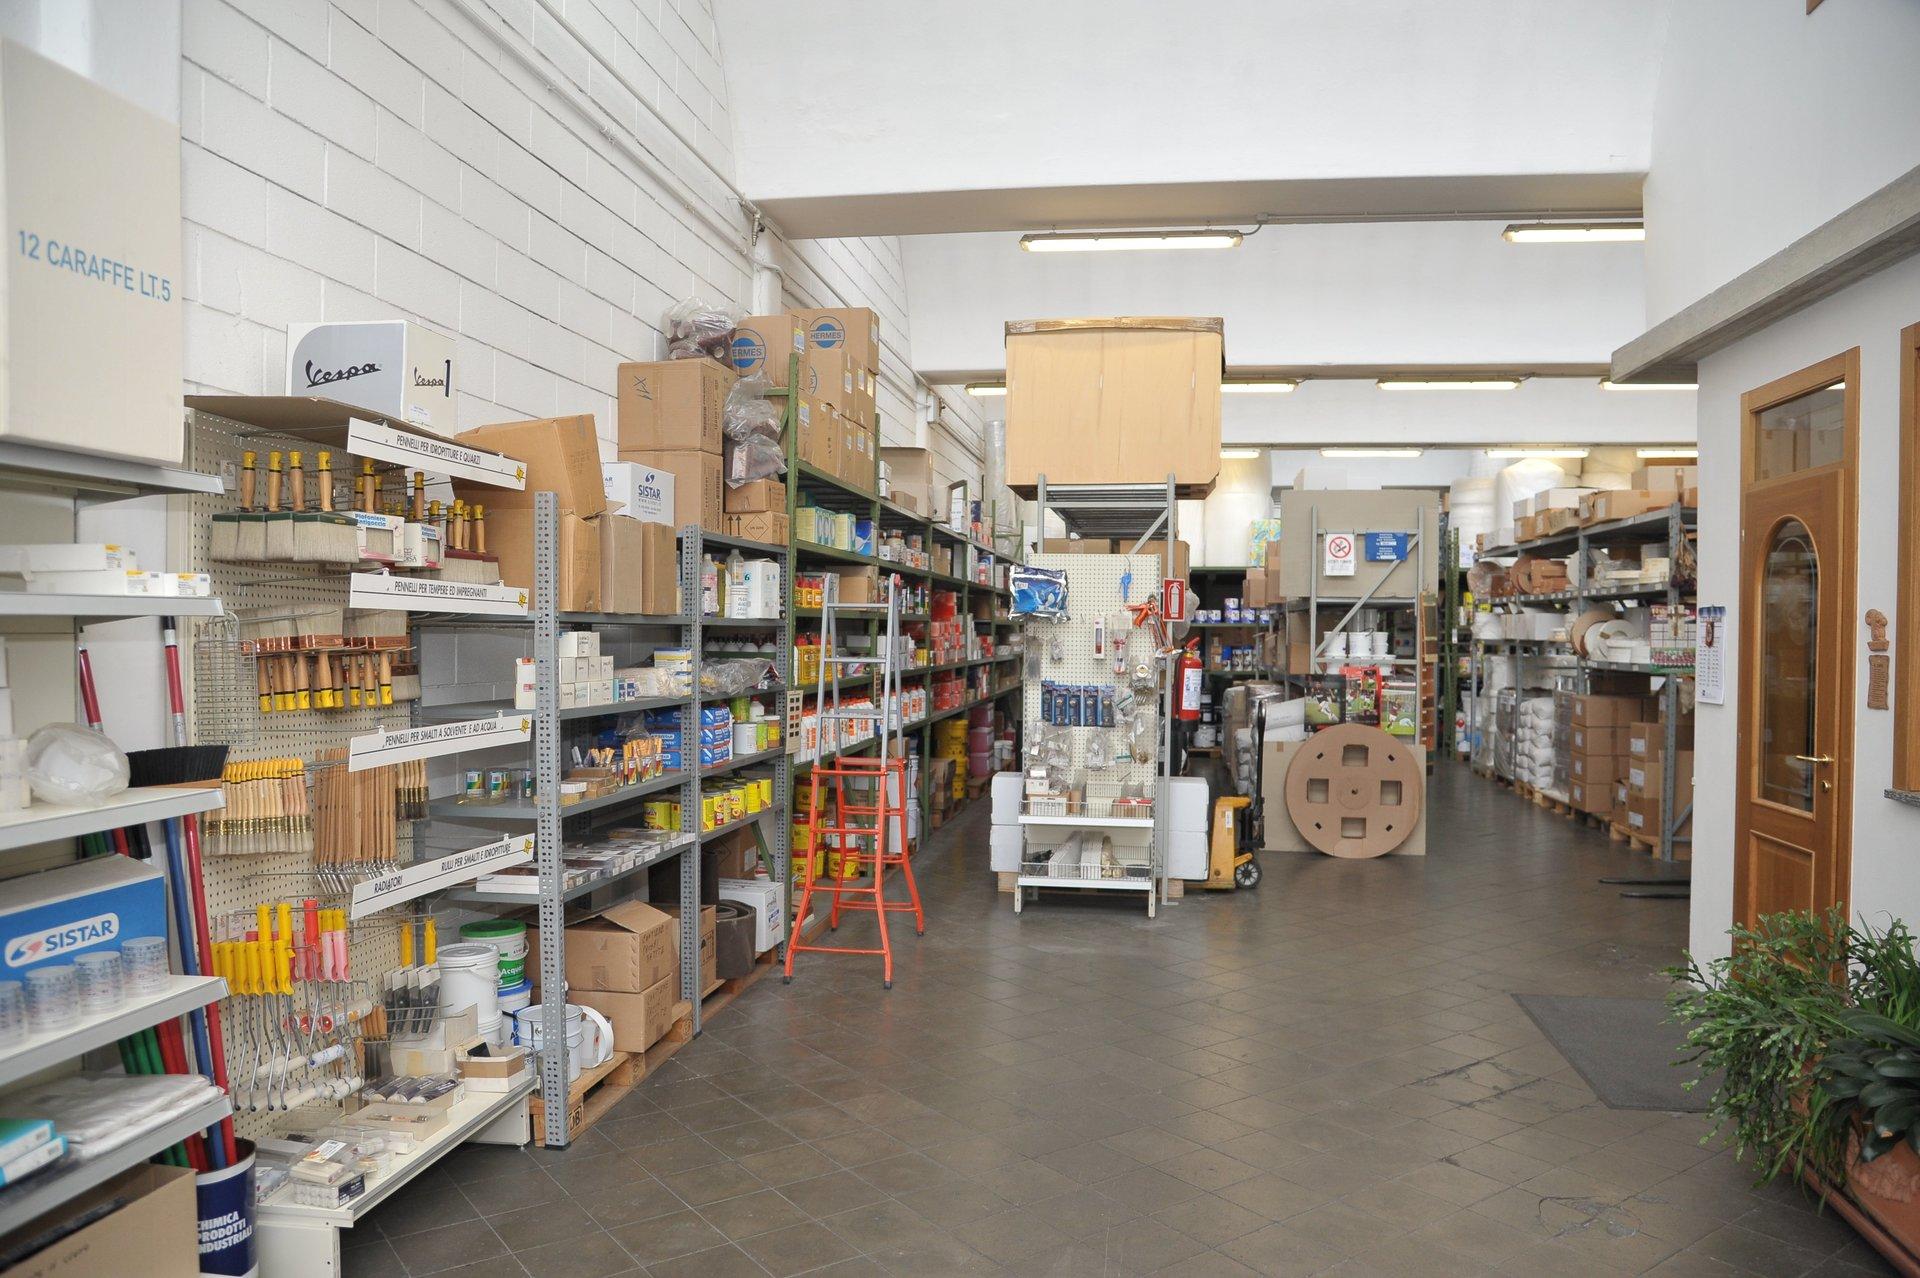 Il magazzino La Delfa rifornito di materiali abrasivi e collanti